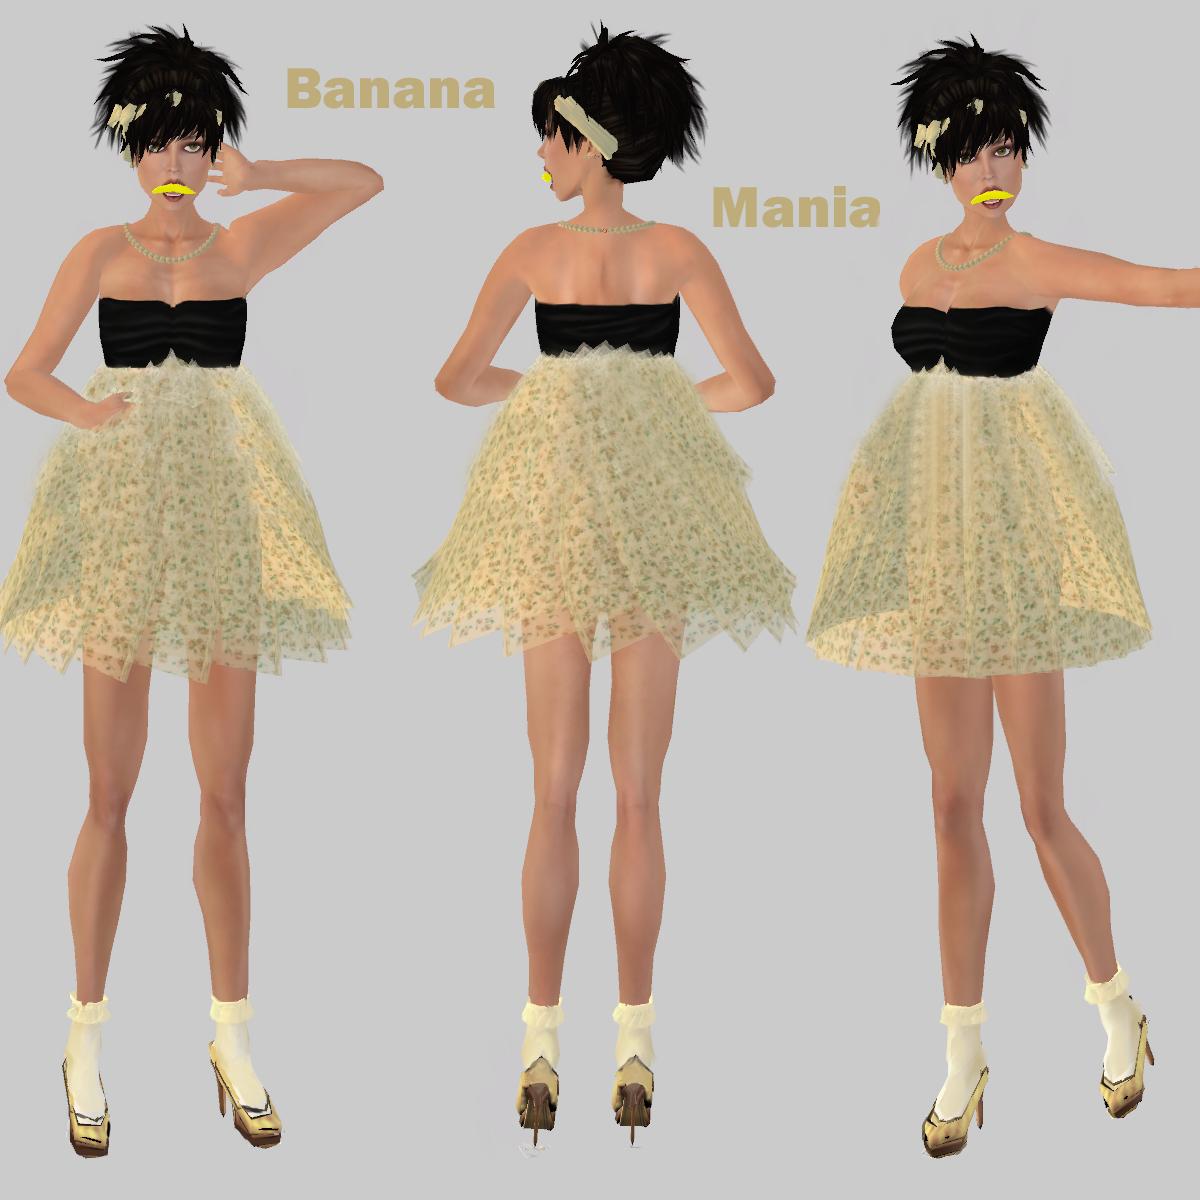 banana fana name song